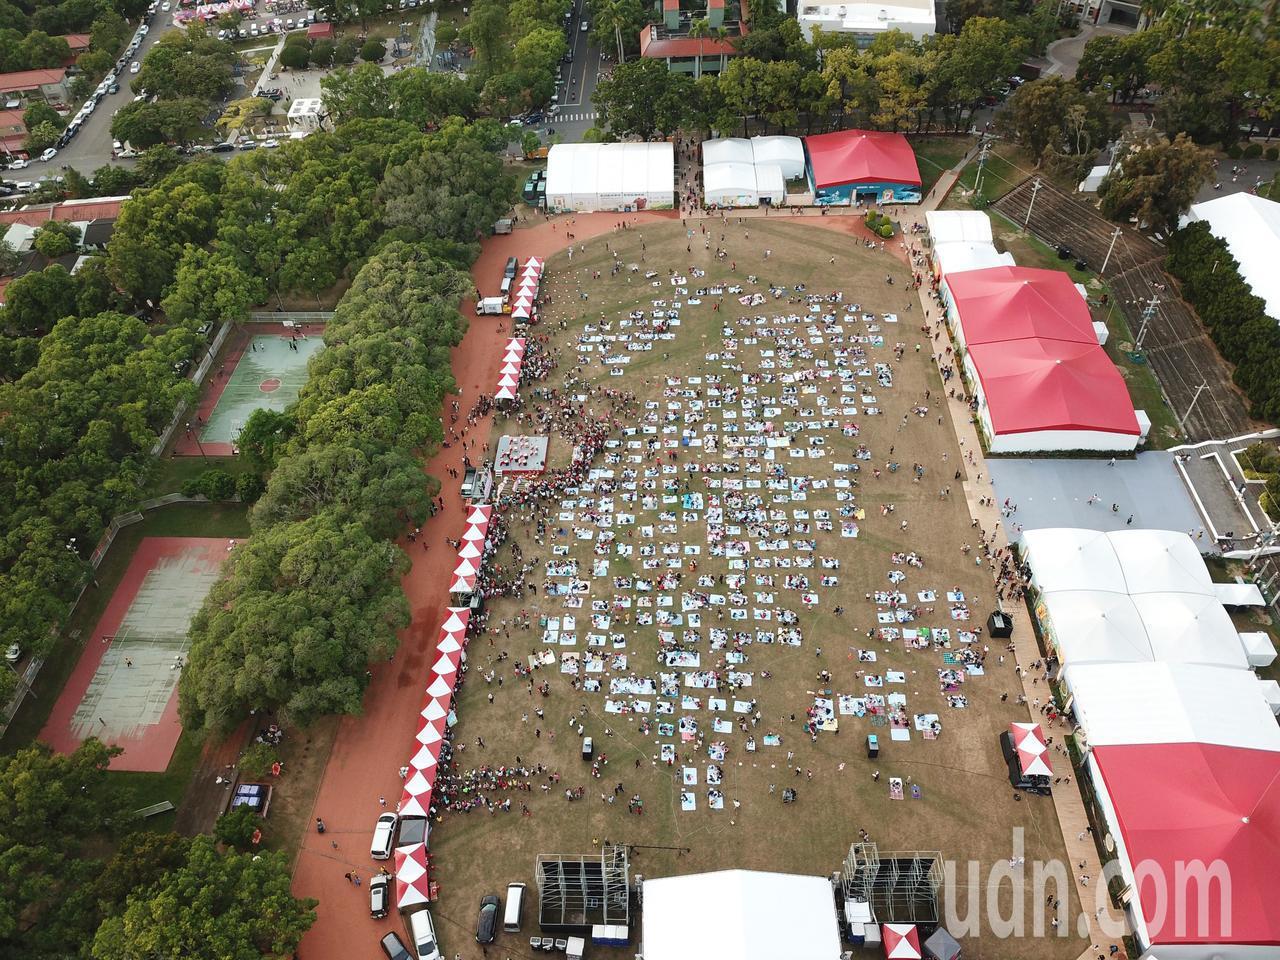 南投世界茶業博覽會昨天下午舉辦千人野餐活動,茶席設計別具巧思,透過空拍機往下拍,...